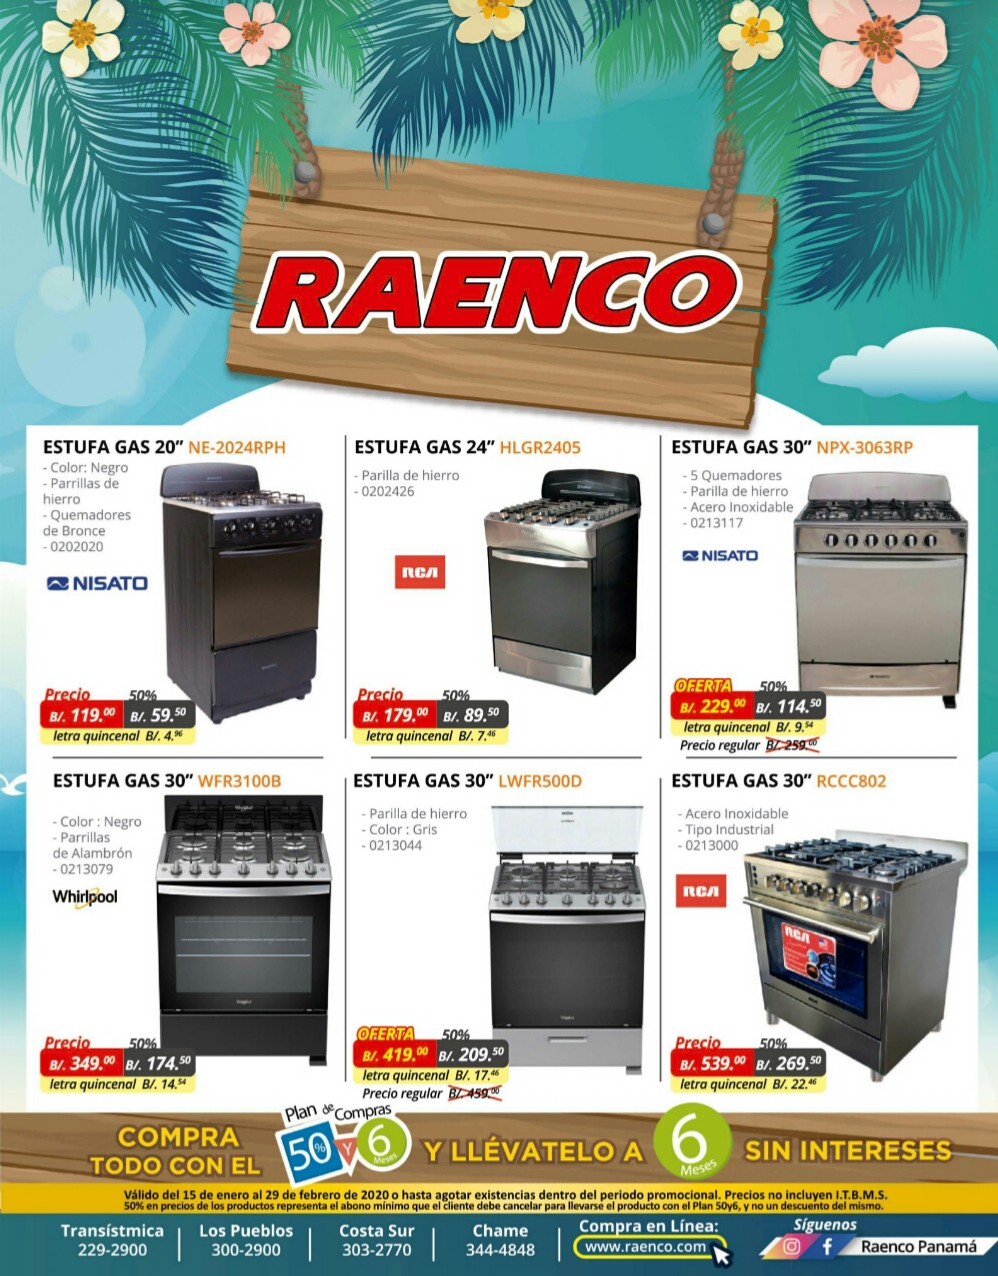 Catalogo Raenco Verano 2020 p10